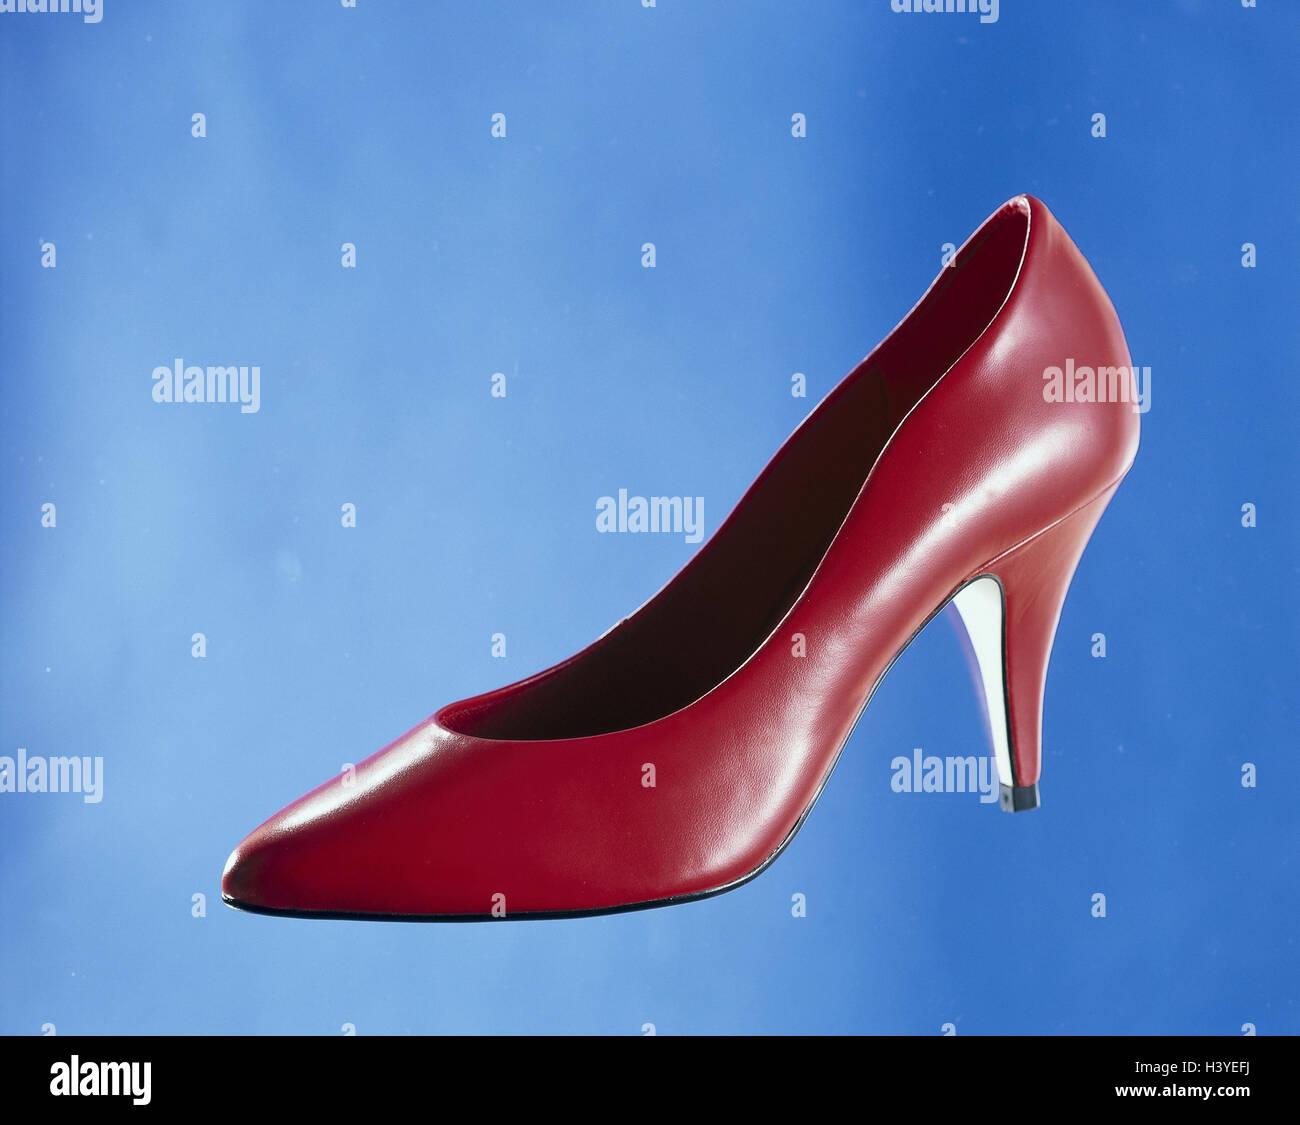 Pump Alamy Shoe Shoe Images Photosamp; Pump Photosamp; Pump Images Alamy Photosamp; Images Shoe SpUzGLMqV